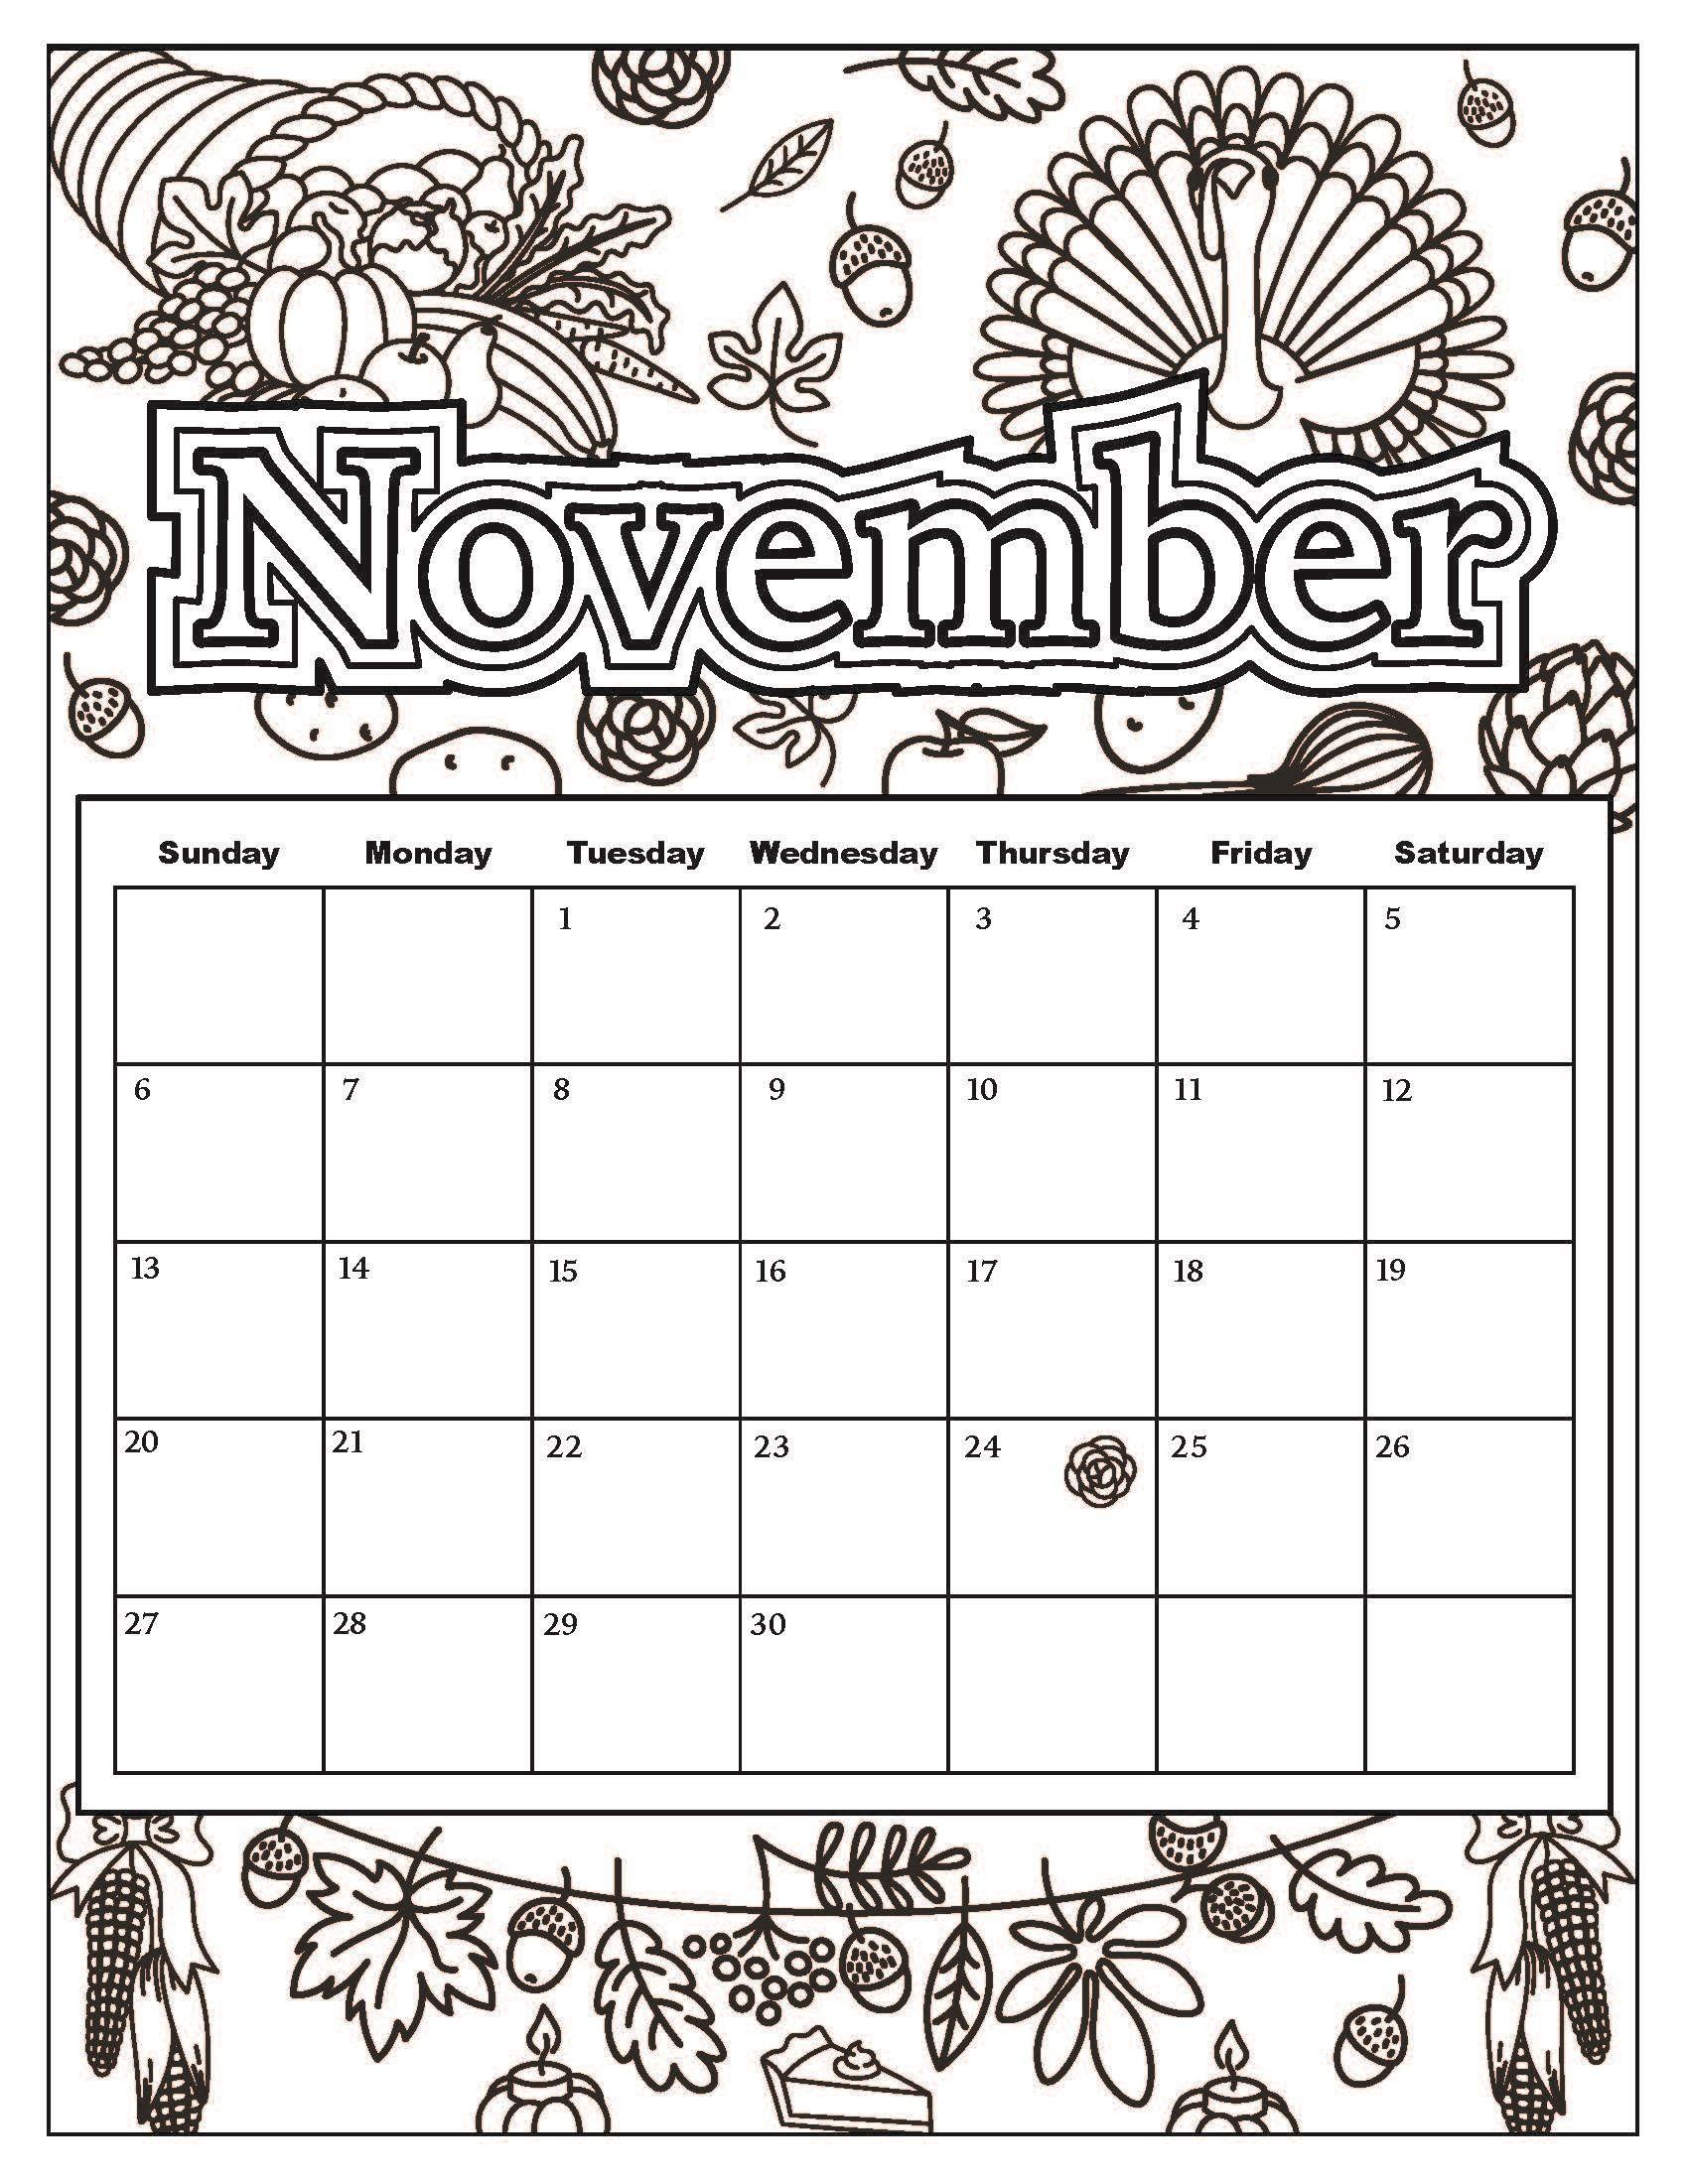 November Thanksgiving Calendar Coloring Sheets Educative Printable Coloring Calendar Kids Calendar Coloring Books